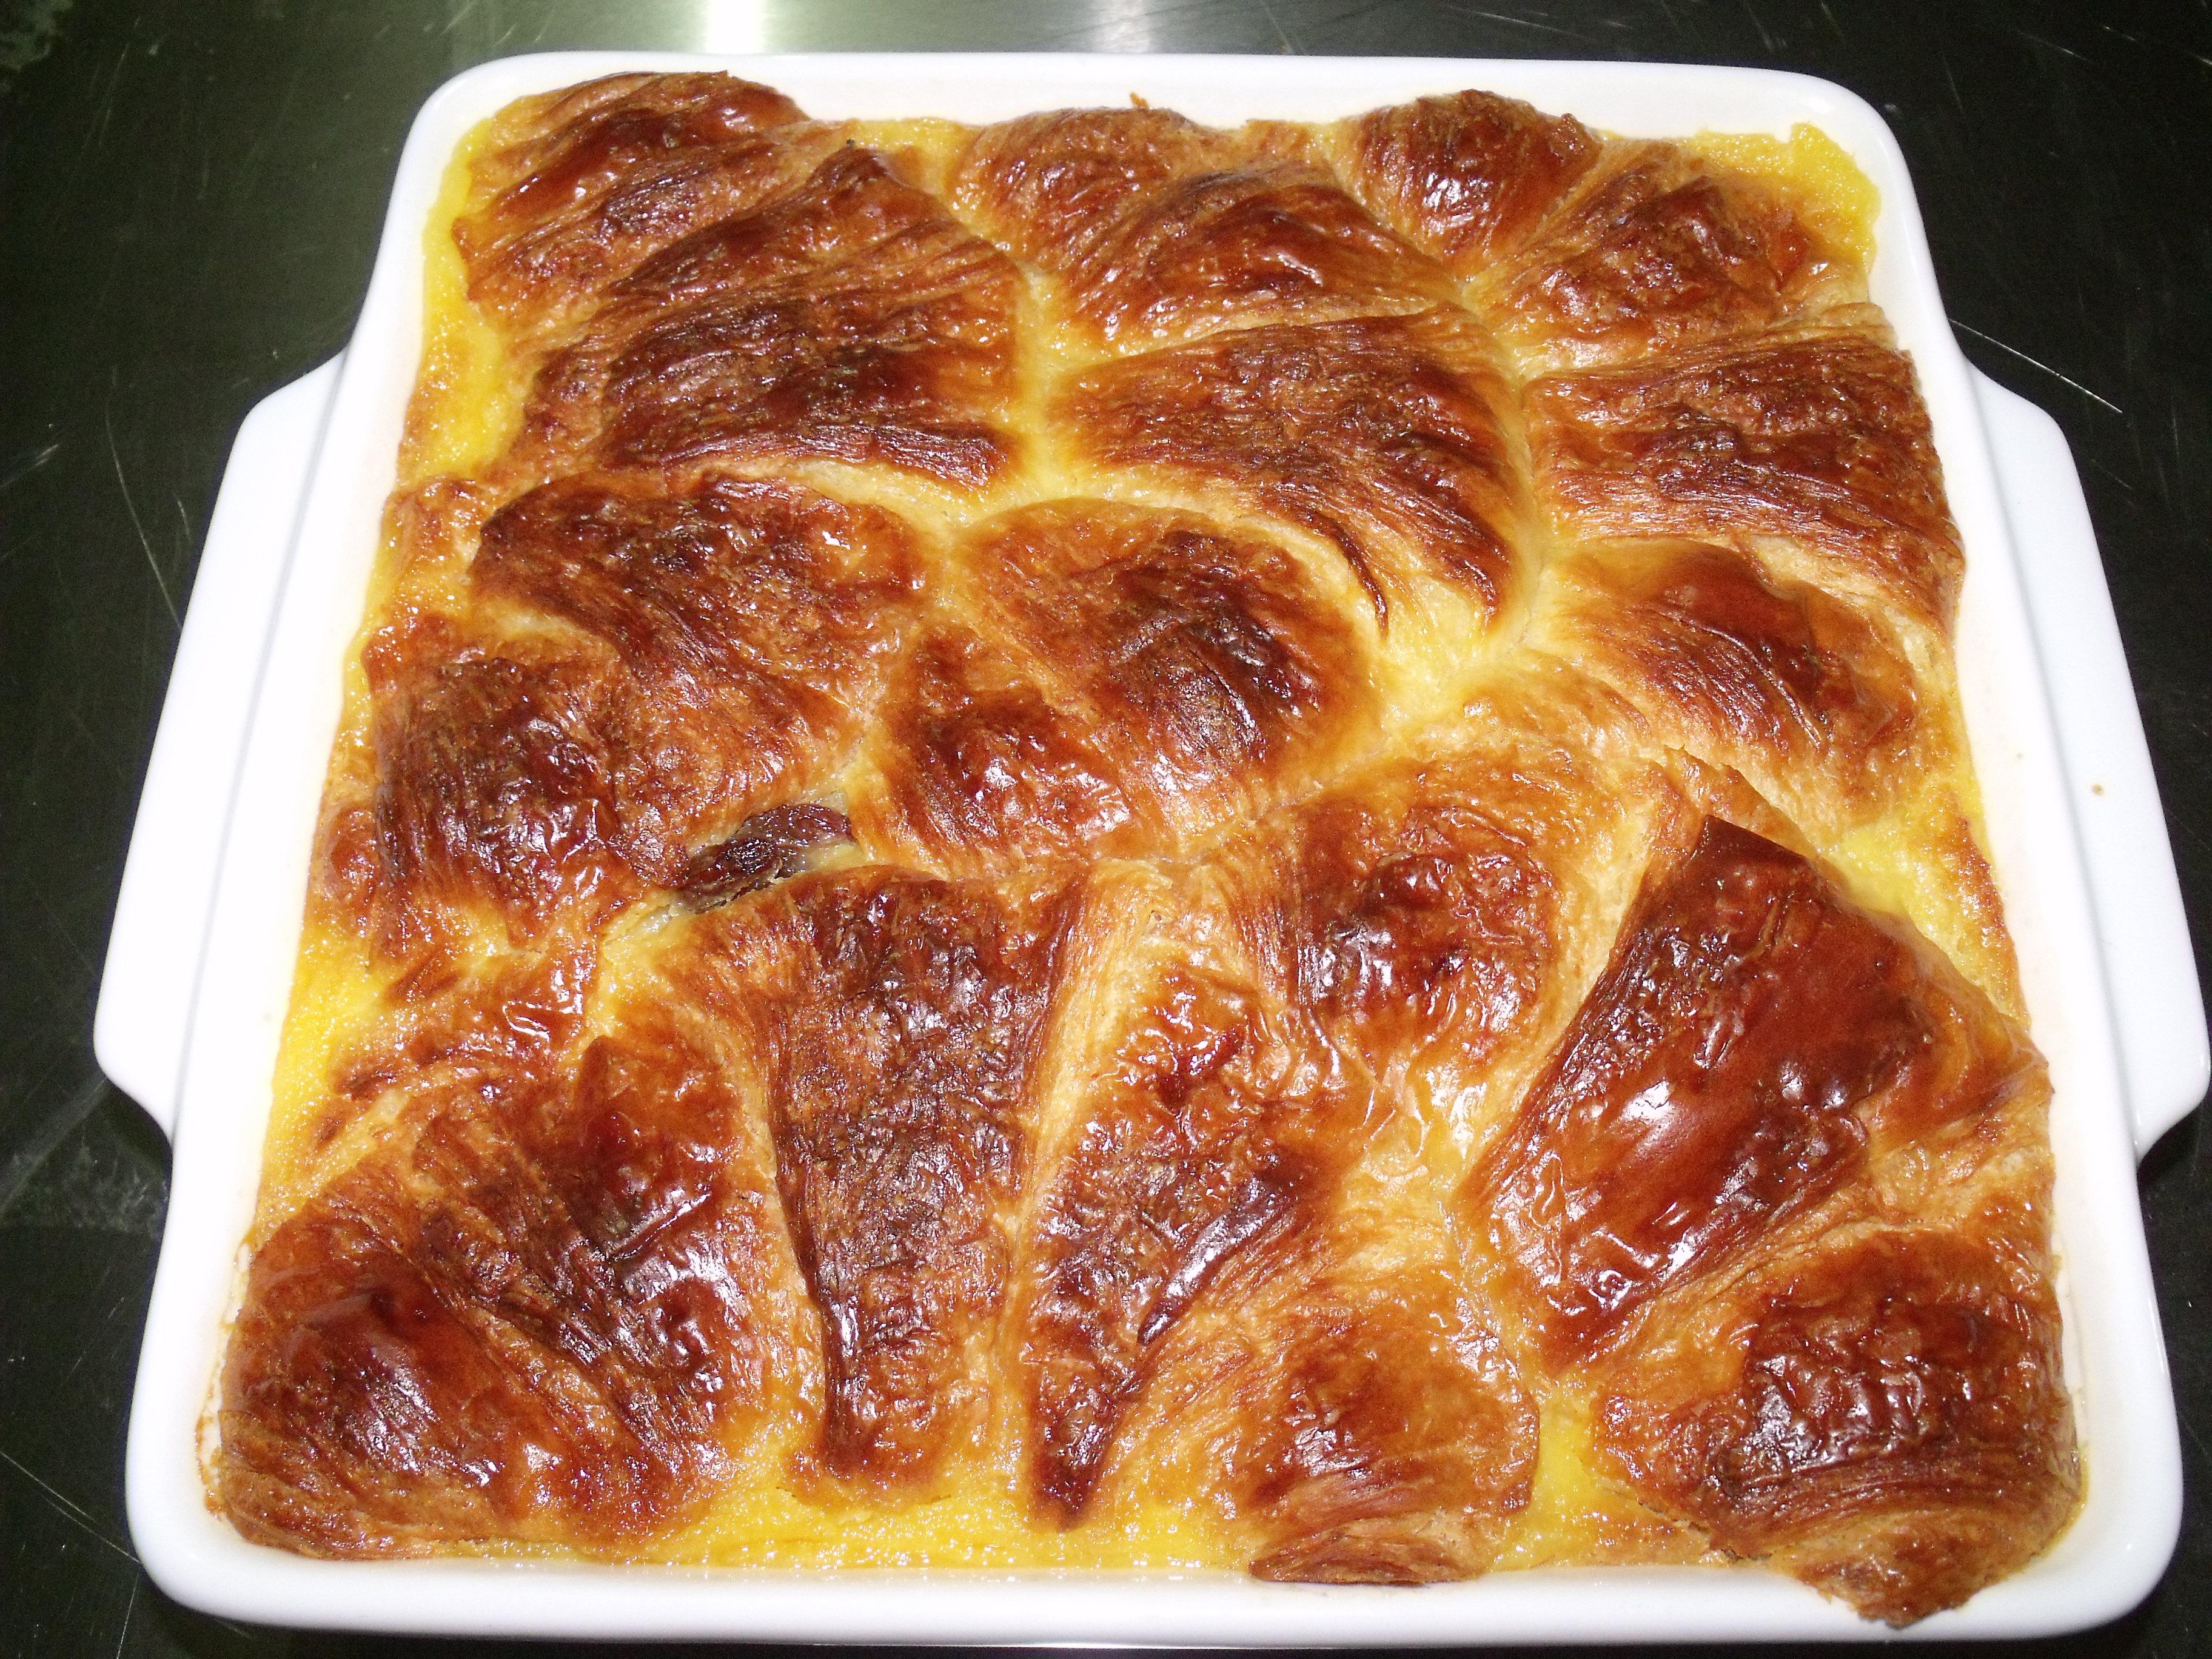 Croissant Bread Pudding (Ina Garten) | My Fare Lady